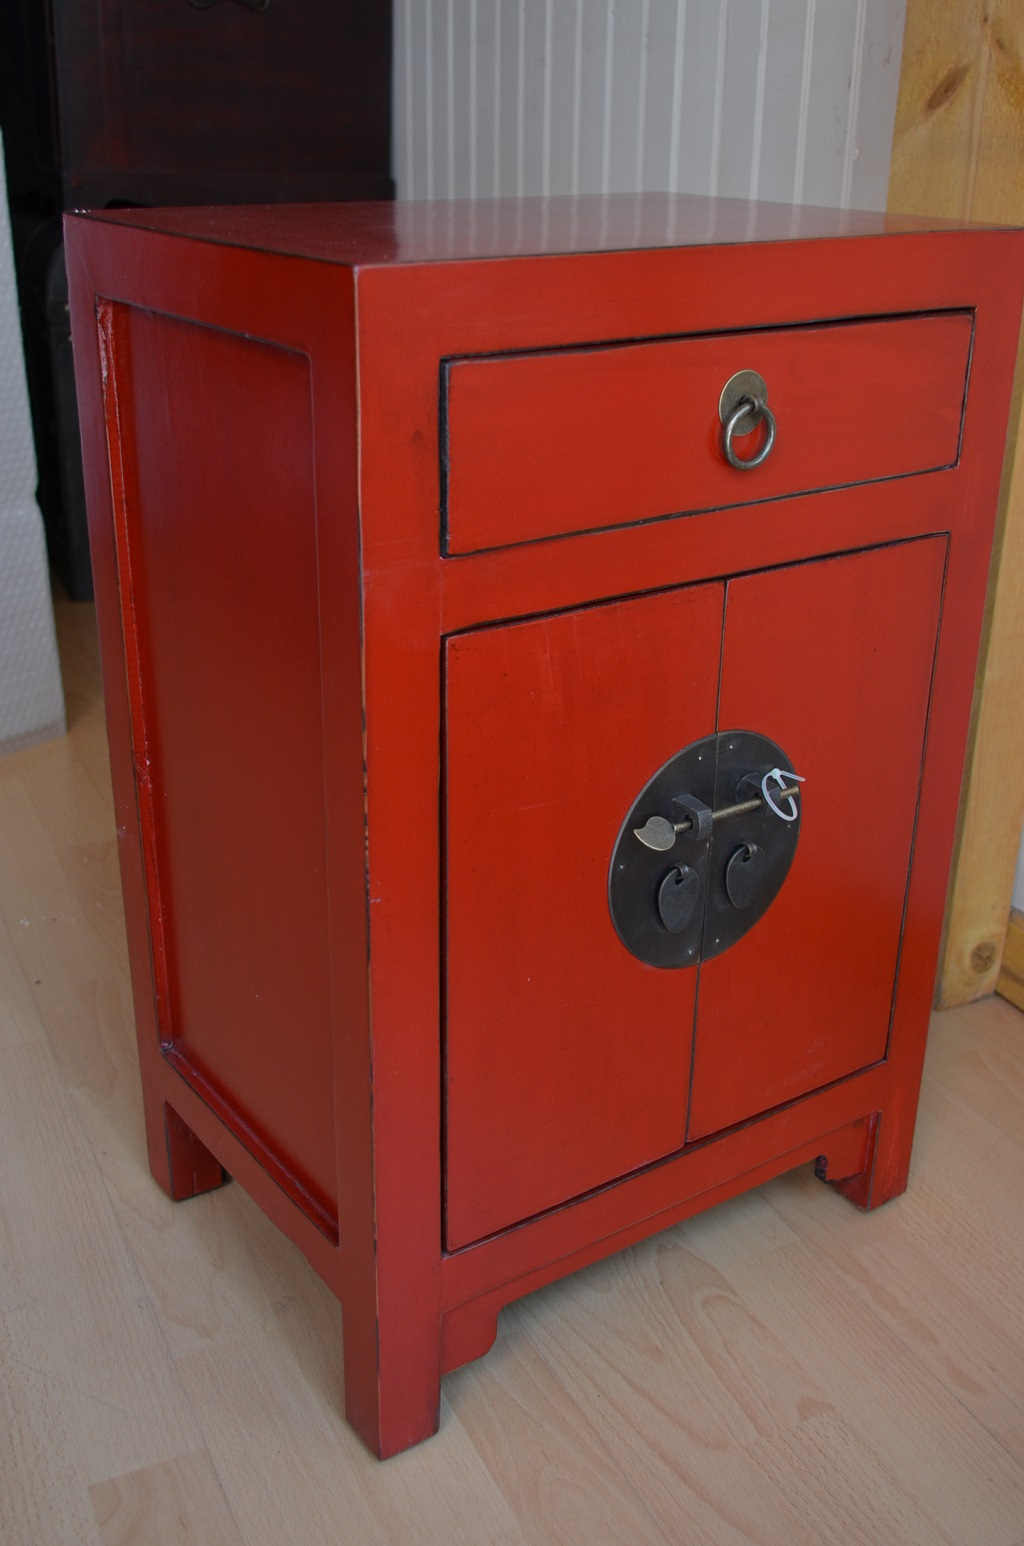 Petit Meuble Chinois Laque Noir, Rouge - La Malle D'Asie destiné Petit Meuble Chinois